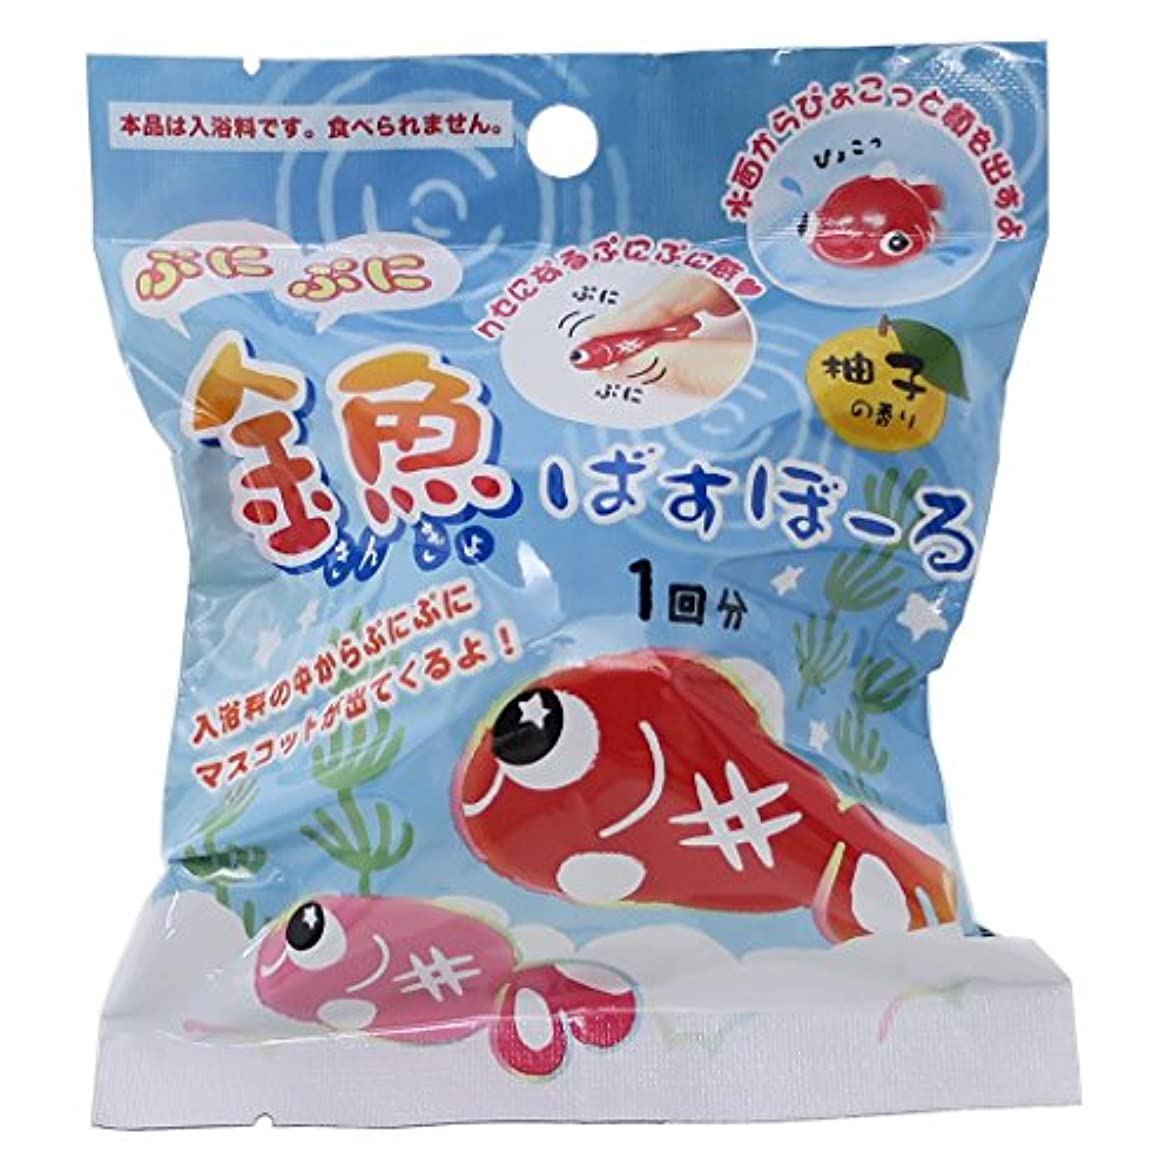 額次へおとうさんぷにぷに金魚バスボール 柚子の香り 80g 1個入